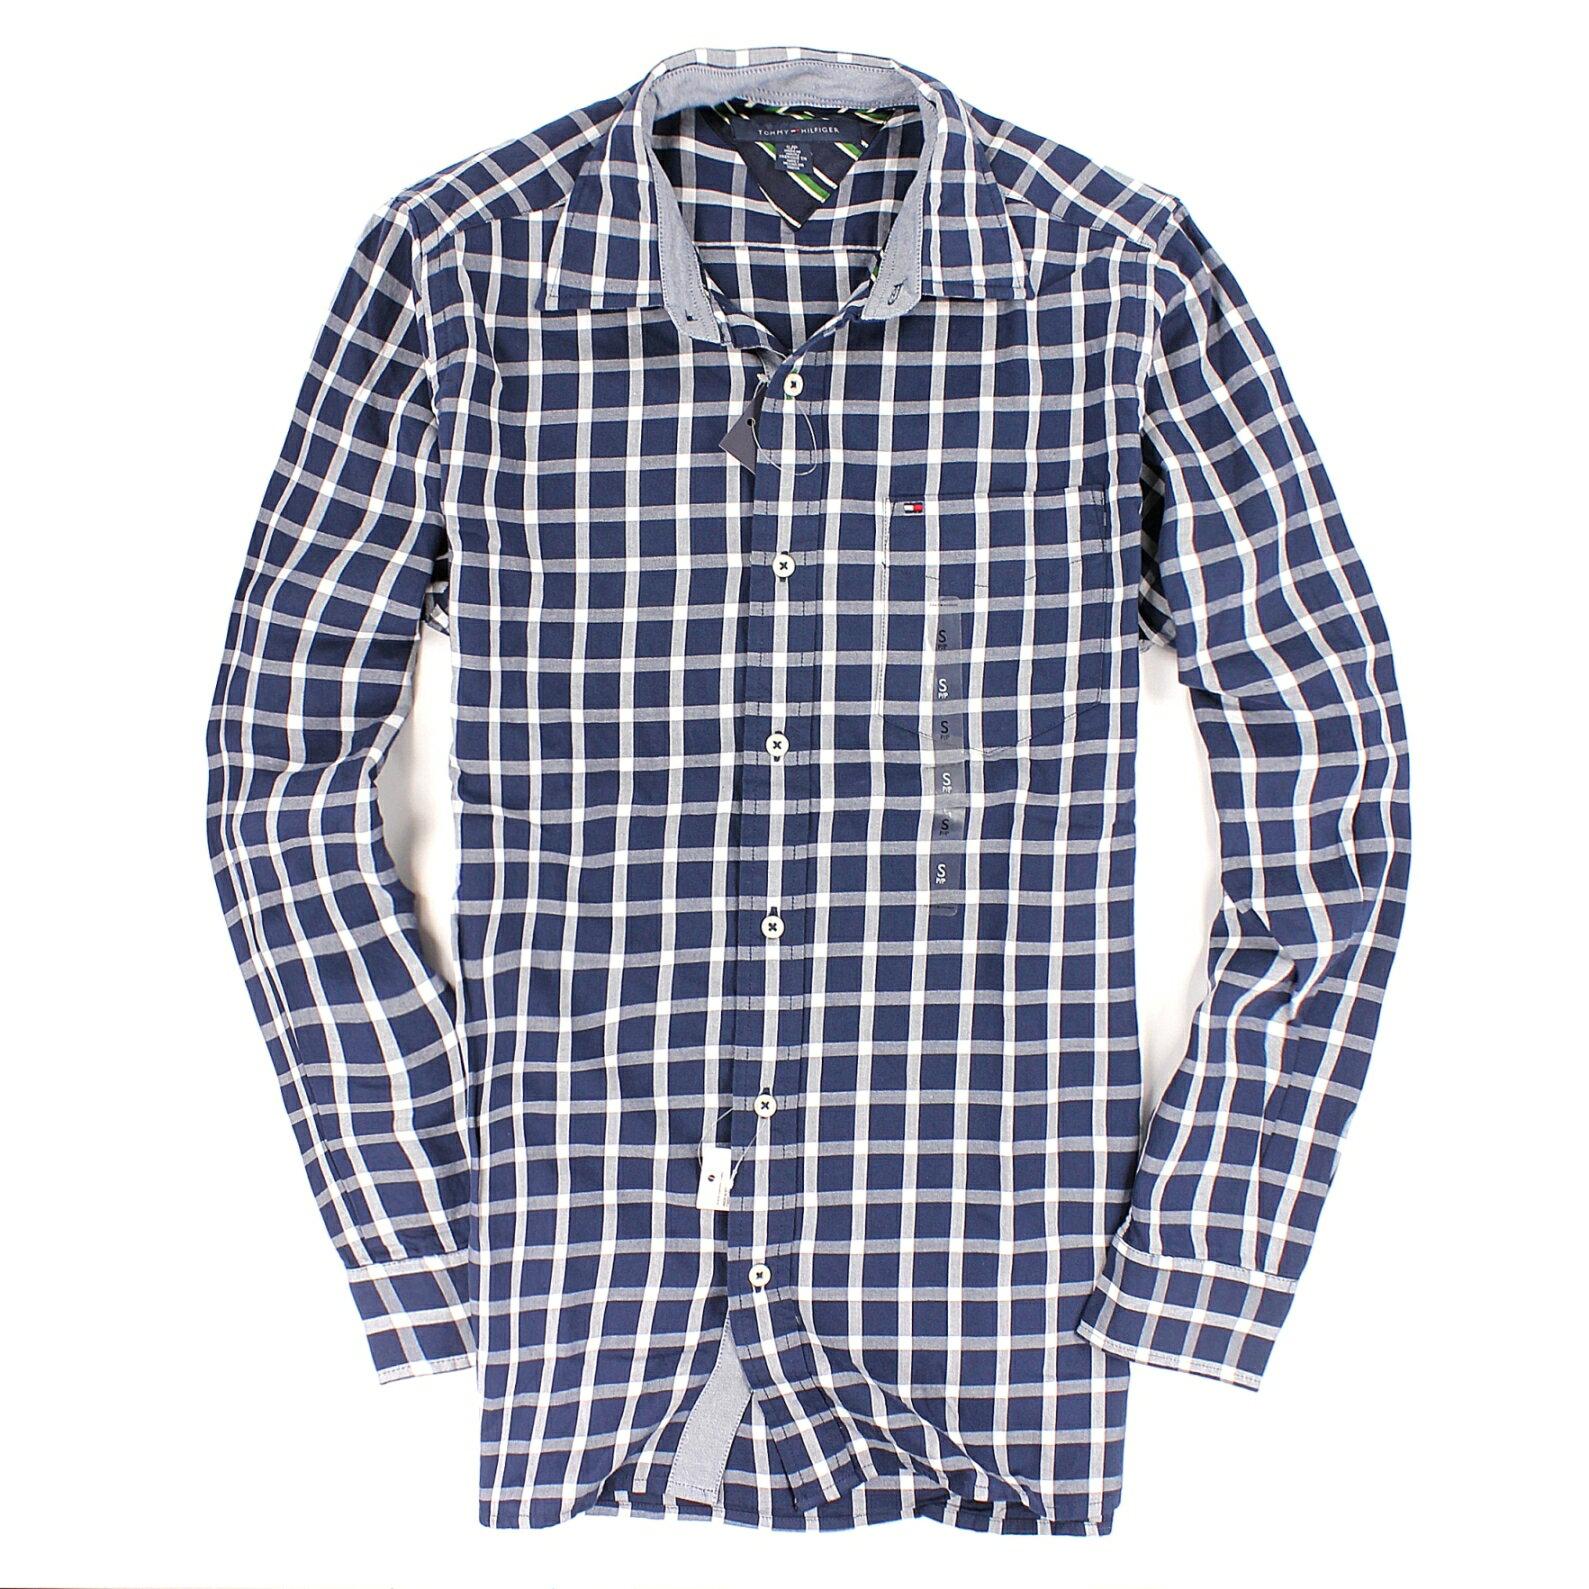 美國百分百【全新真品】Tommy Hilfiger 襯衫 TH 長袖 上衣 藍 格紋 純棉 口袋 休閒 彈性 男衣 S號